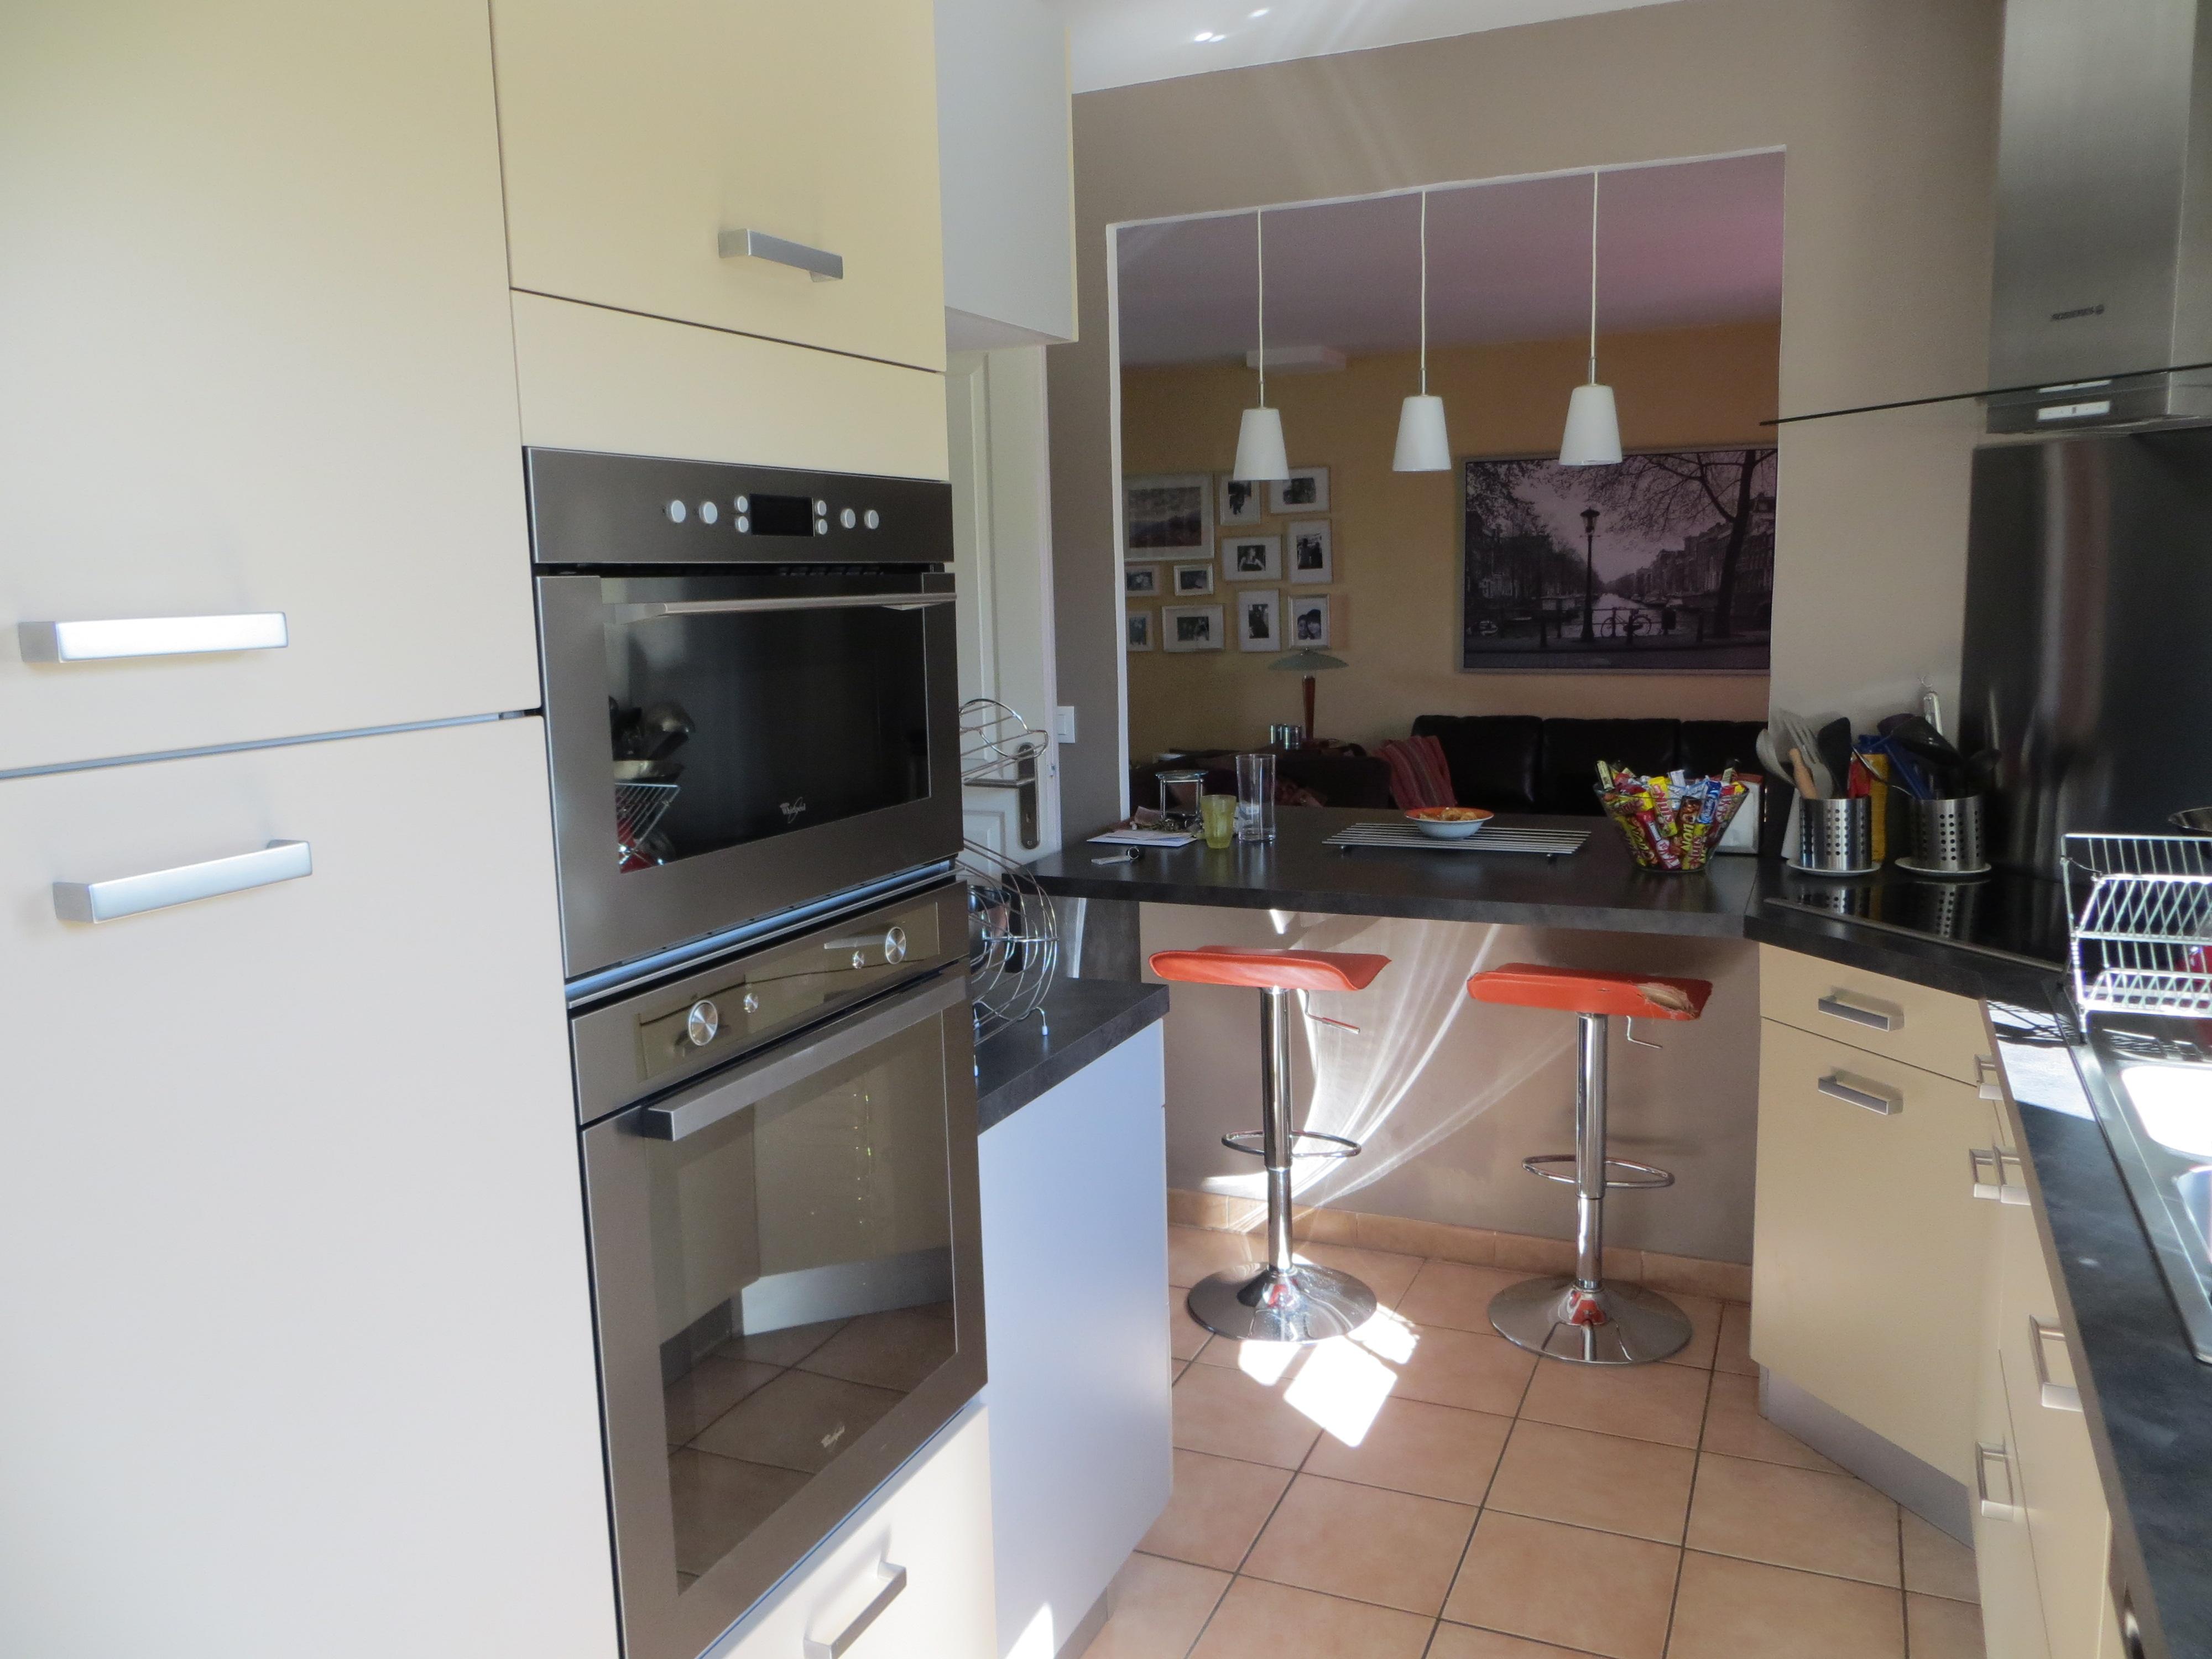 photodeco.fr/wp-content/uploads/2014/07/photo-decoration-décoration-cuisine-ouverte-sur-salon-9.jpg